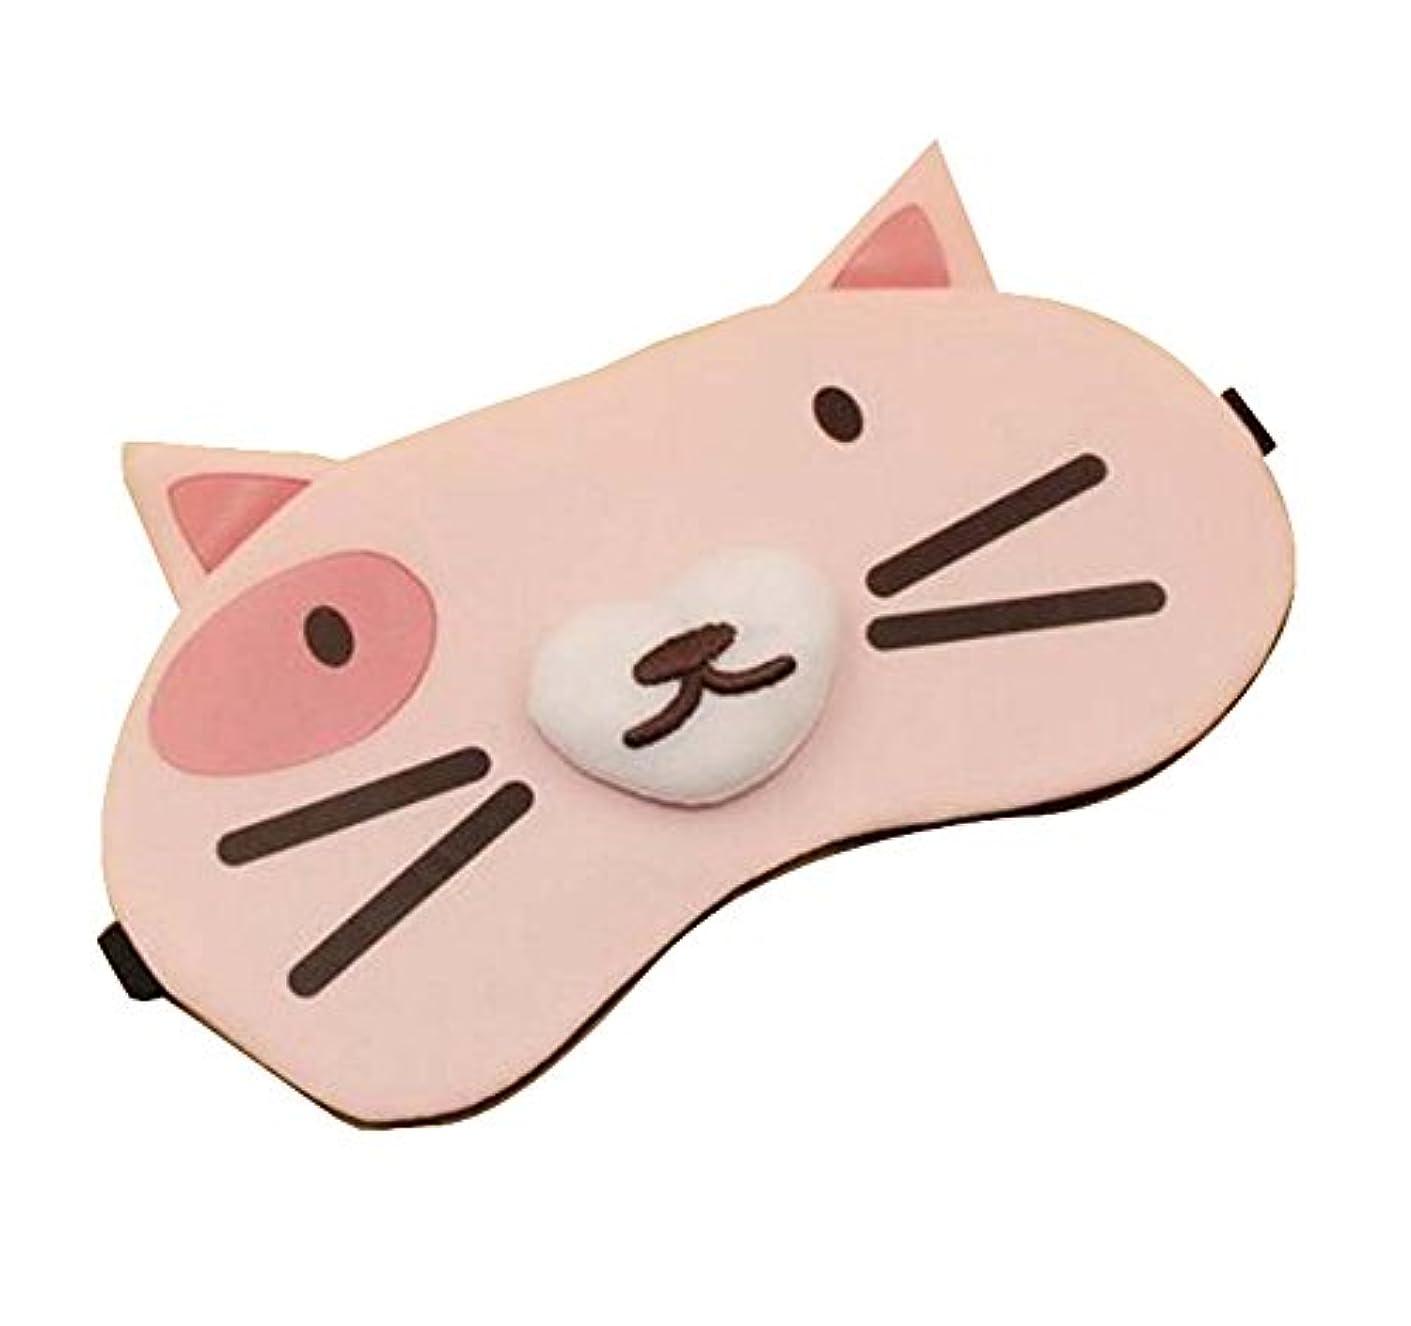 代名詞底支援するクリエイティブな漫画の形のアイマスクパーソナライズドアイシェイド、ピンクの猫